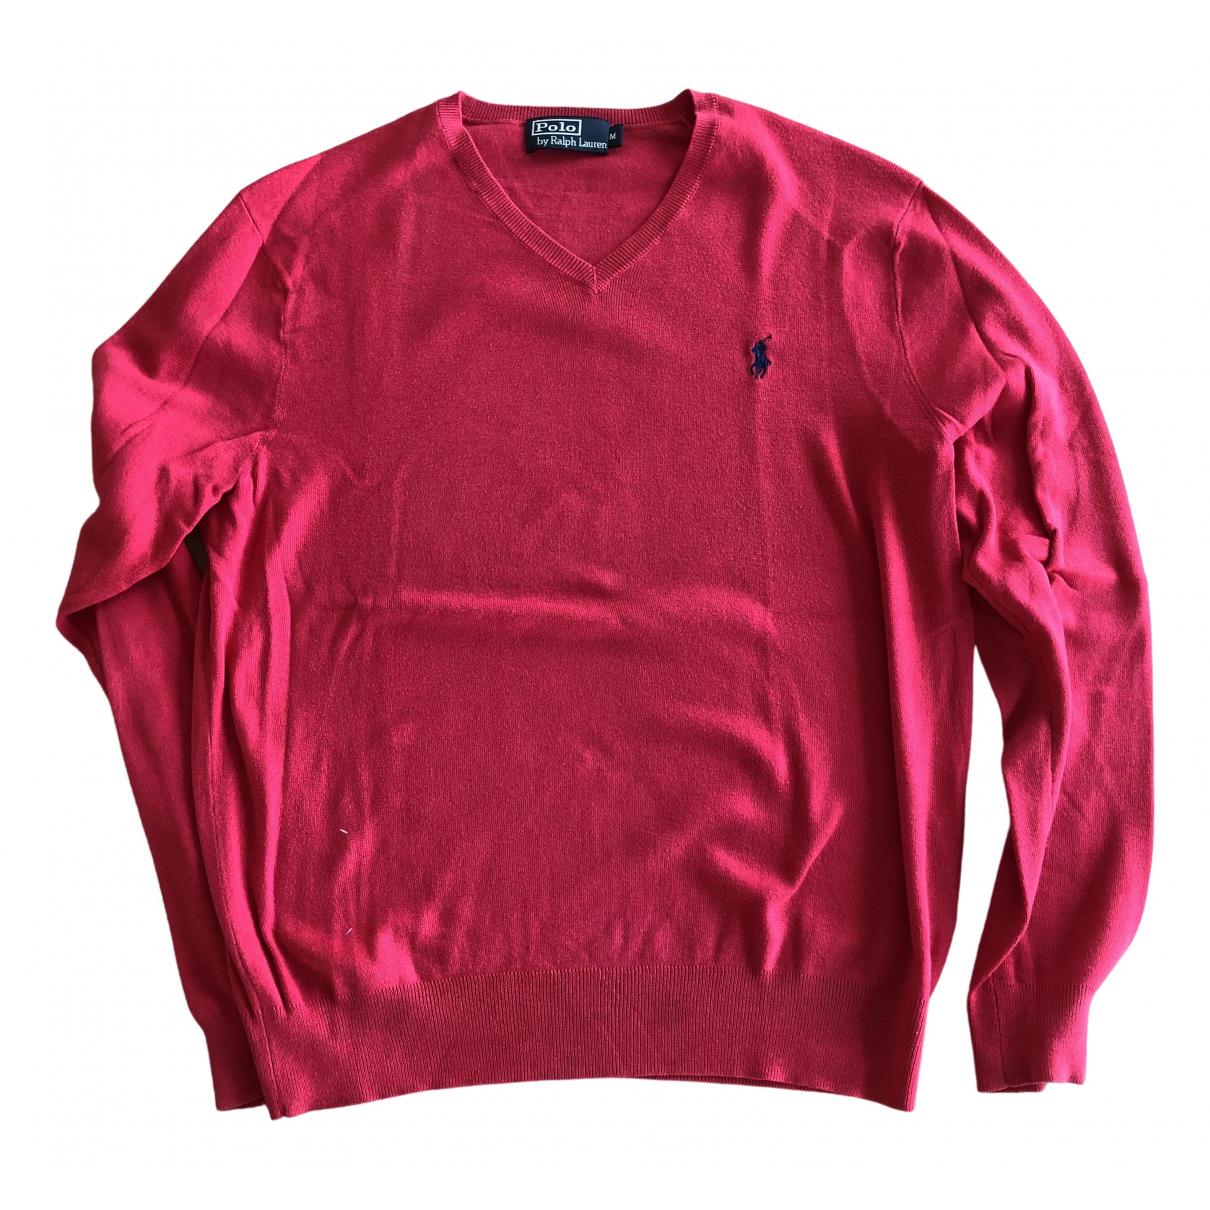 Polo Ralph Lauren \N Red Knitwear & Sweatshirts for Men 38 UK - US